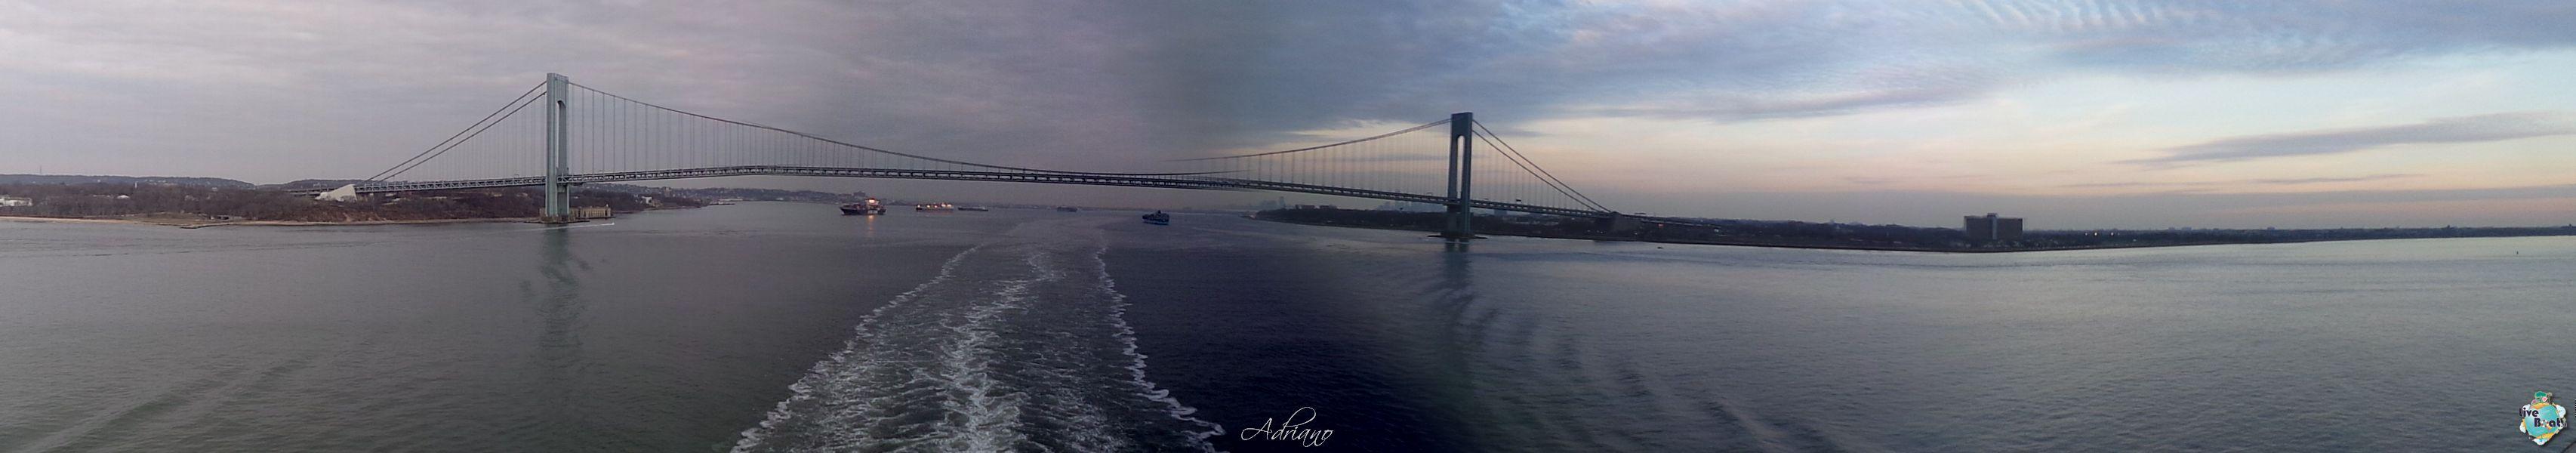 2013/12/01 - New York, Imbarco - Norwegian Breakaway-0089-norwegian-breakaway-cruise-new-york-jpg